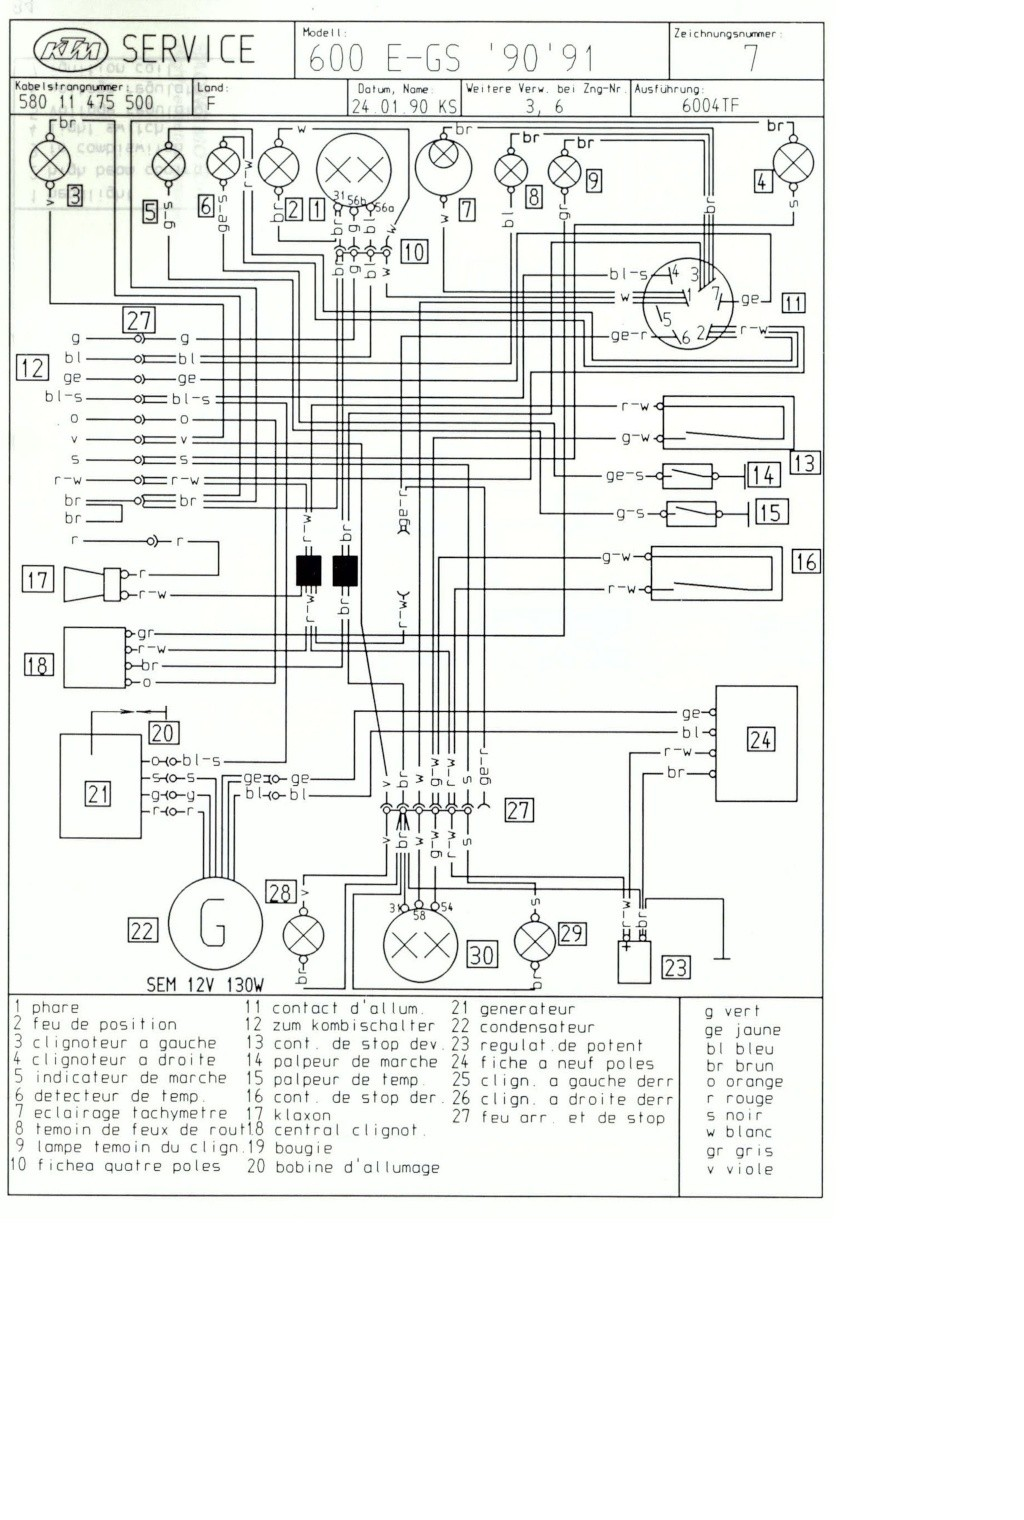 circuit  u00e9lectrique 600 lc4 1991    ktmaddict fr  100  ktm